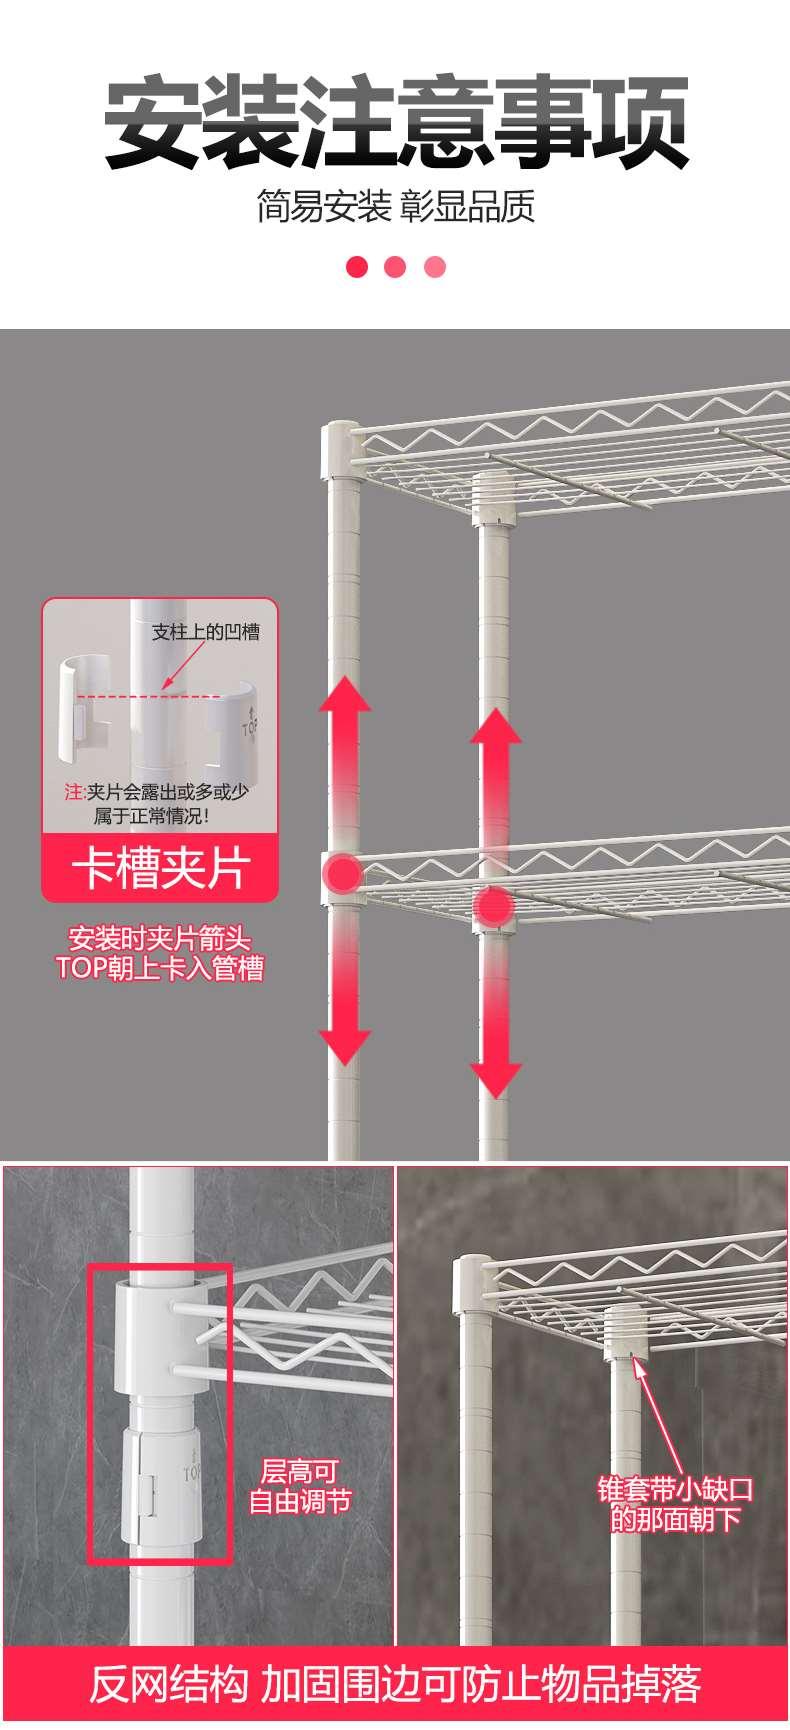 卫生间浴室厕所多功能马桶架_碳钢咖啡色搁架-川井 (12)